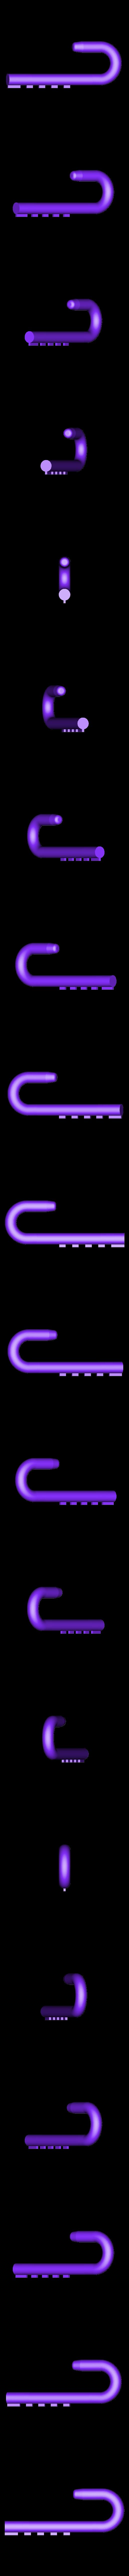 5Hook.stl Télécharger fichier STL gratuit Kit de verrouillage de permutation personnalisable (verrouillage à combinaison) • Objet pour impression 3D, plasticpasta